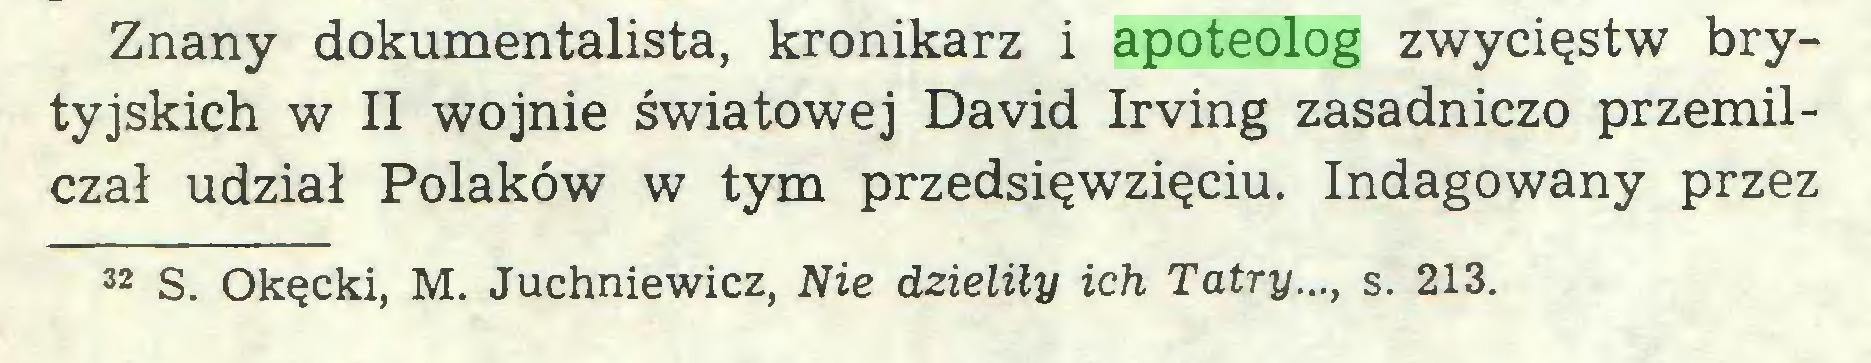 (...) Znany dokumentalista, kronikarz i apoteolog zwycięstw brytyjskich w II wojnie światowej David Irving zasadniczo przemilczał udział Polaków w tym przedsięwzięciu. Indagowany przez 32 S. Okęcki, M. Juchniewicz, Nie dzieliły ich Tatry..., s. 213...